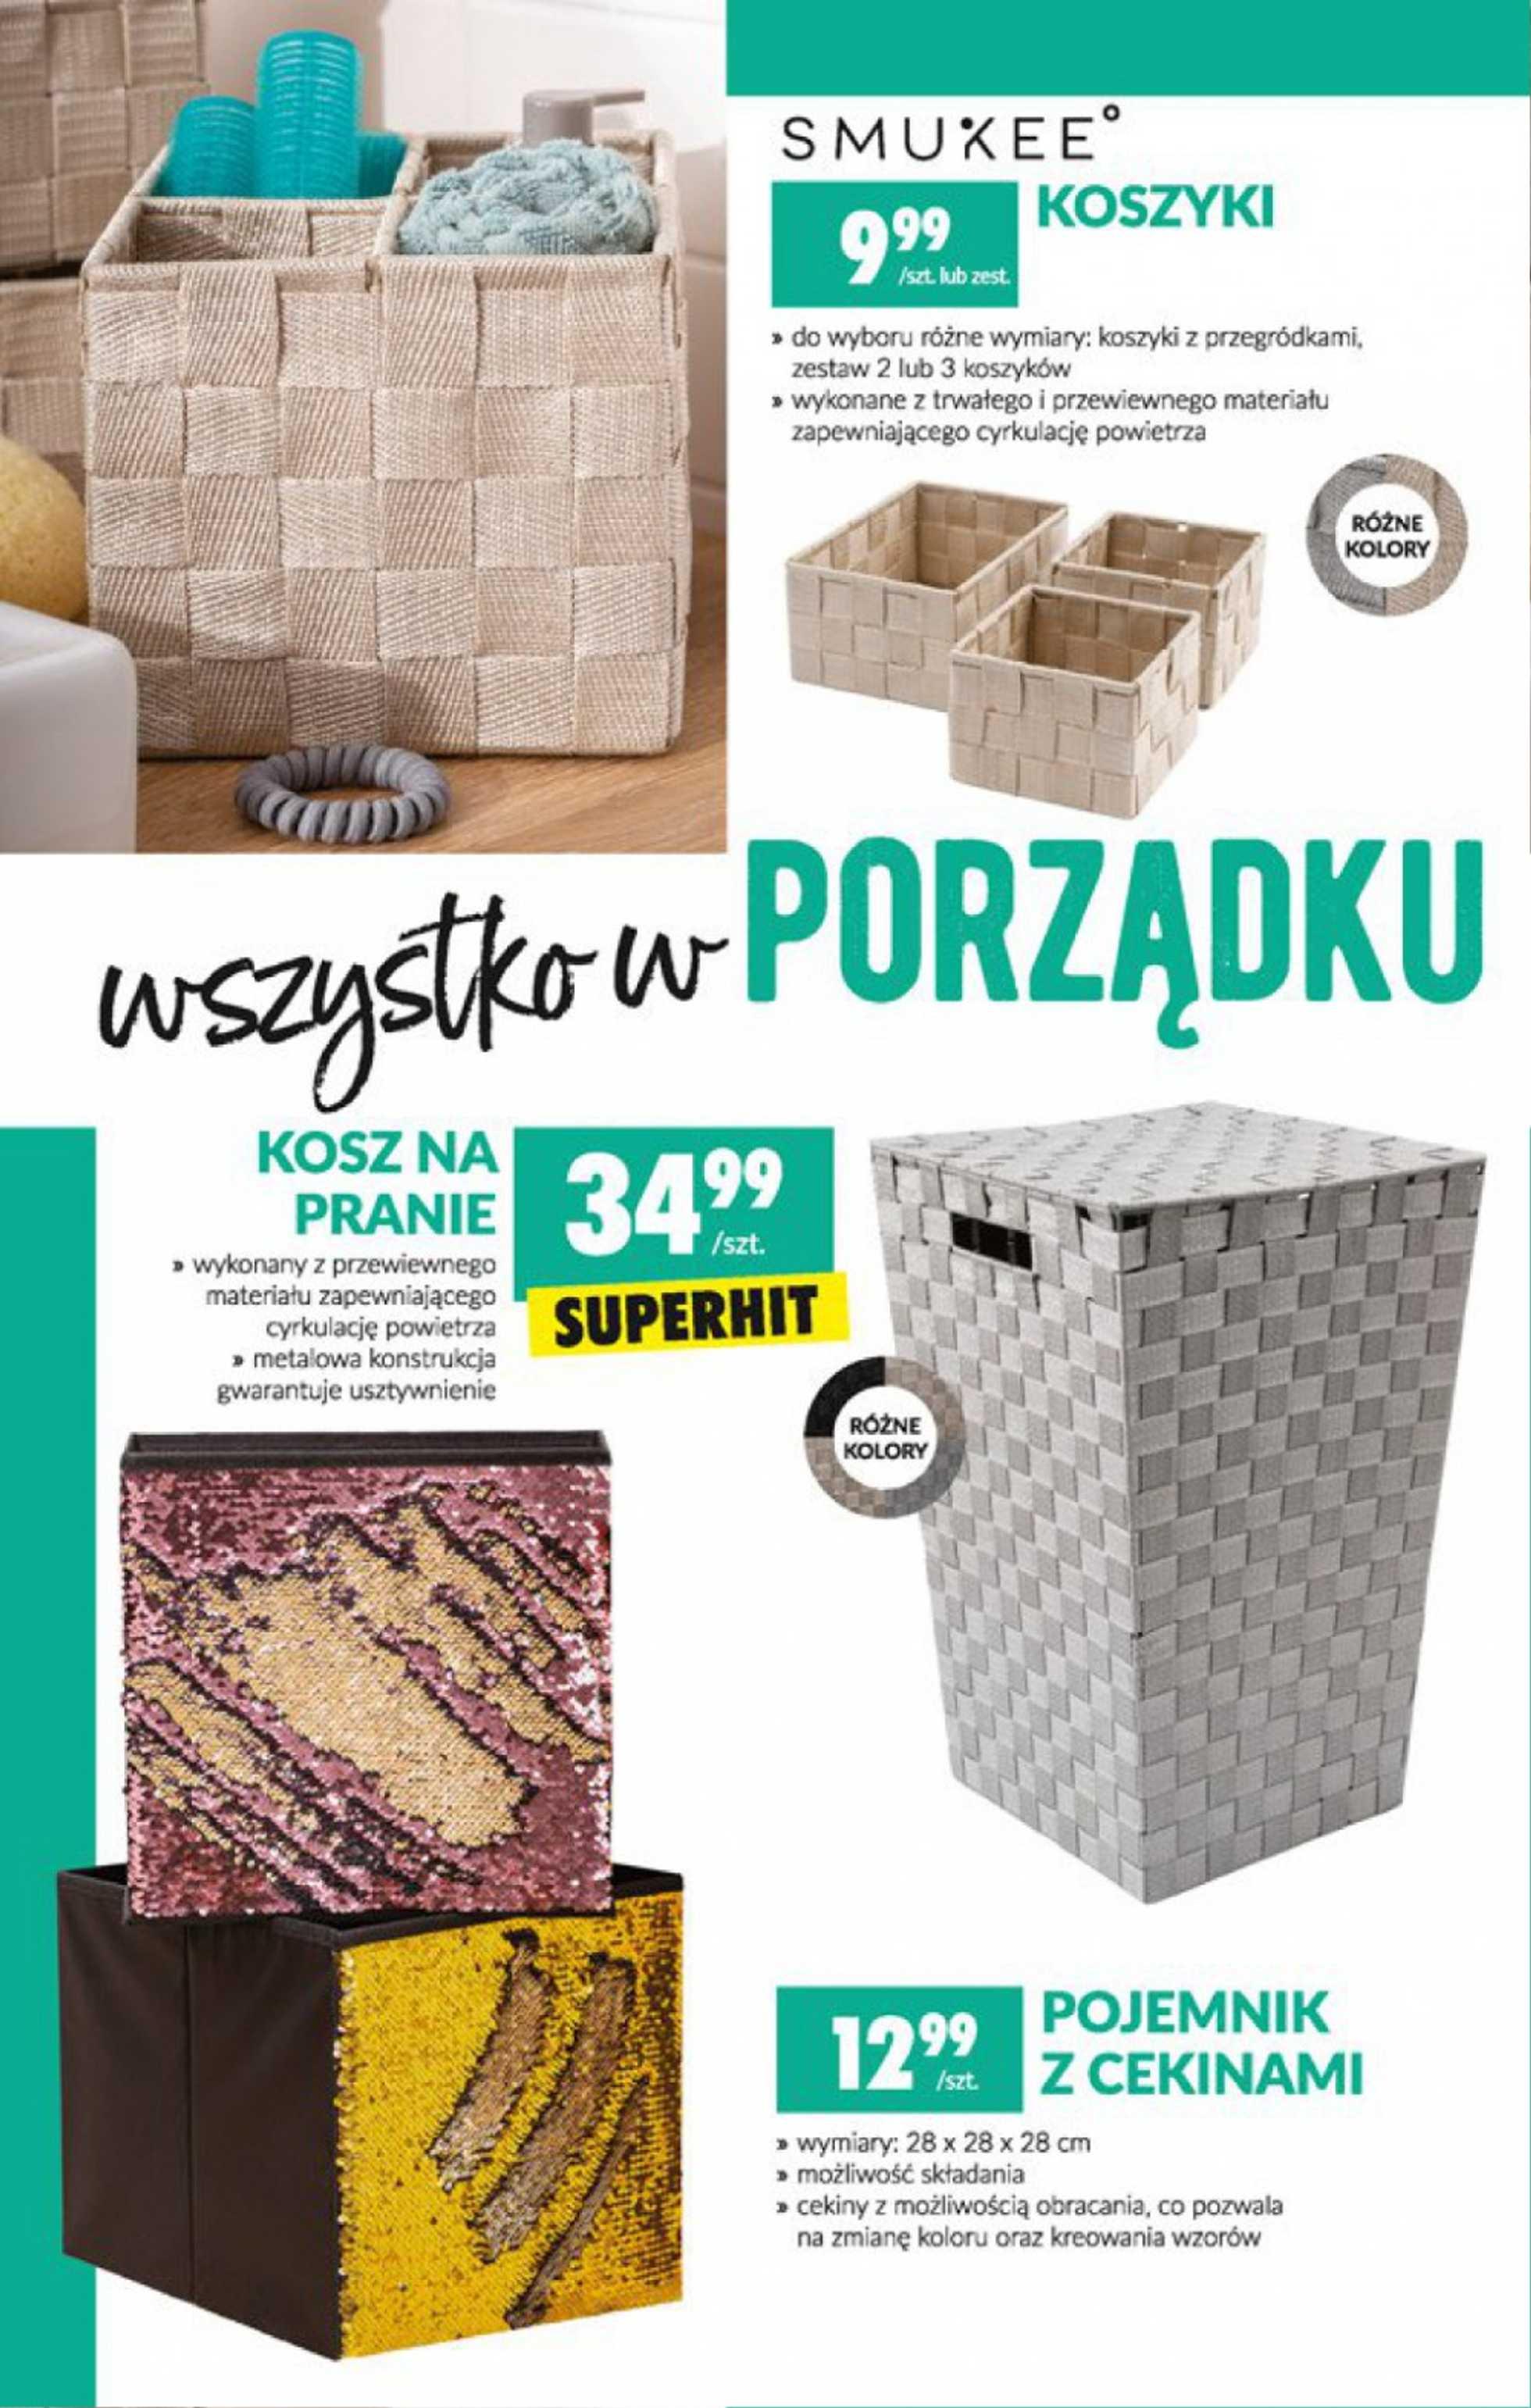 Biedronka - gazetka promocyjna ważna od 09.09.2019 do 25.09.2019 - strona 2.